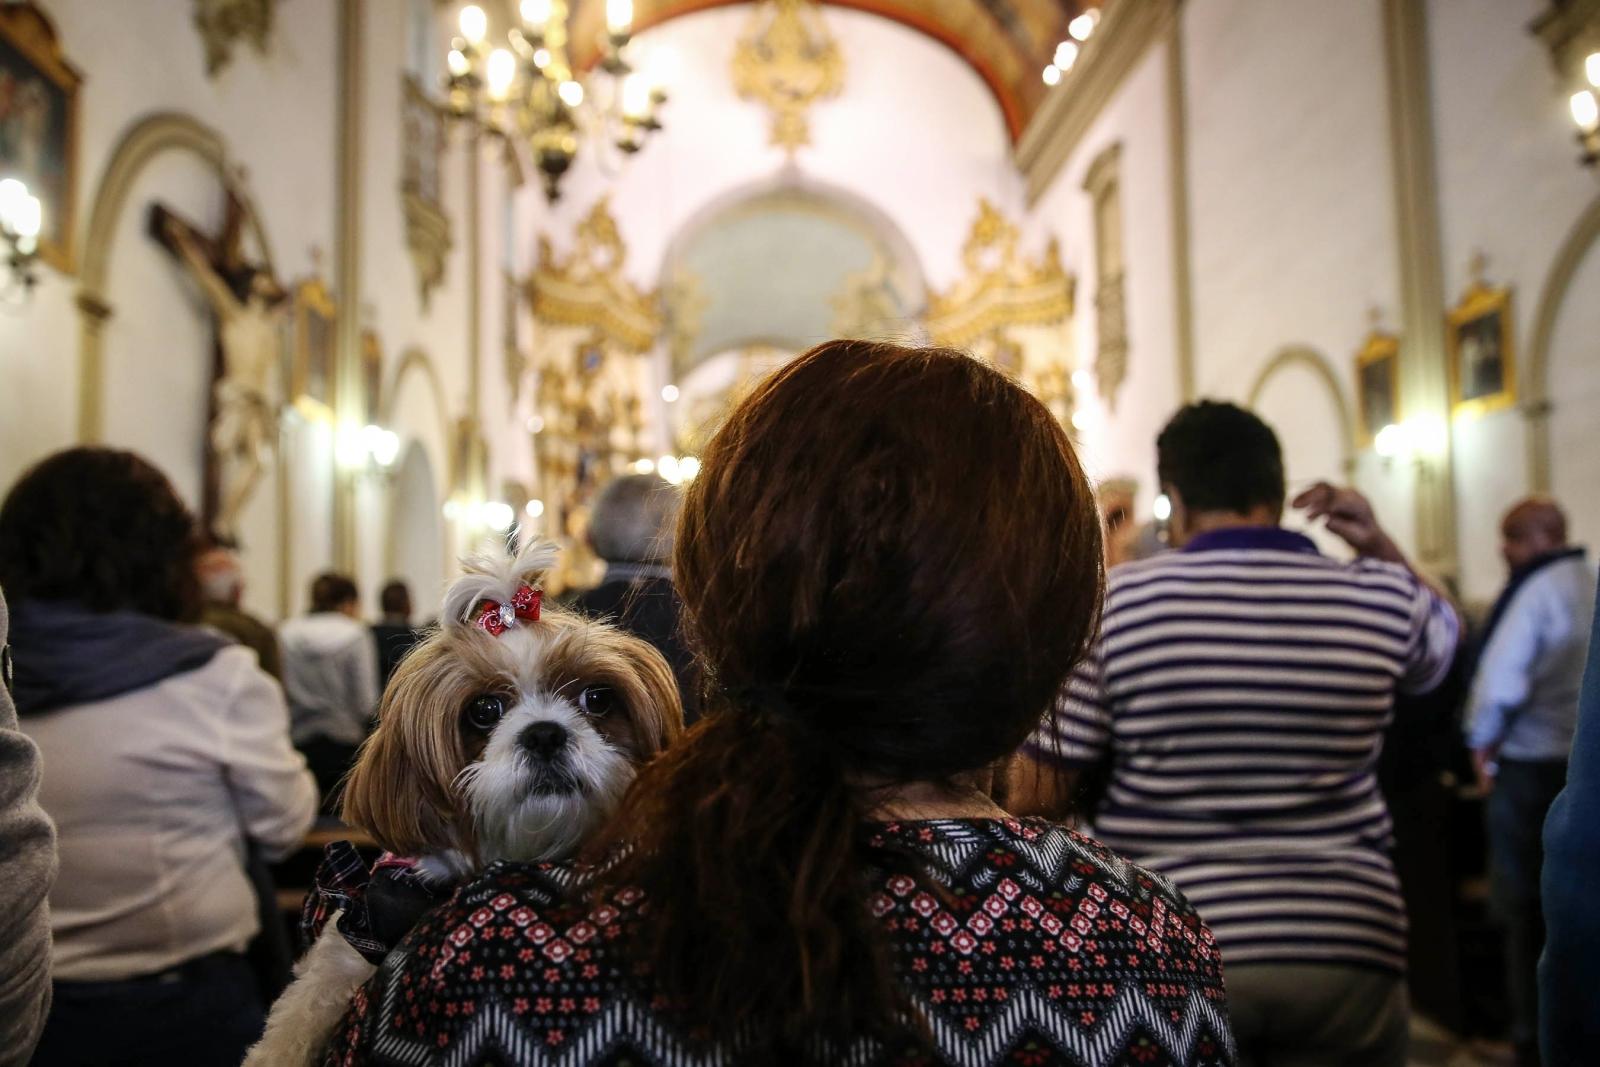 Kobieta z psem uczestniczy we Mszy w święto Świętego Franciszka, Sao Paulo, Brazylia.